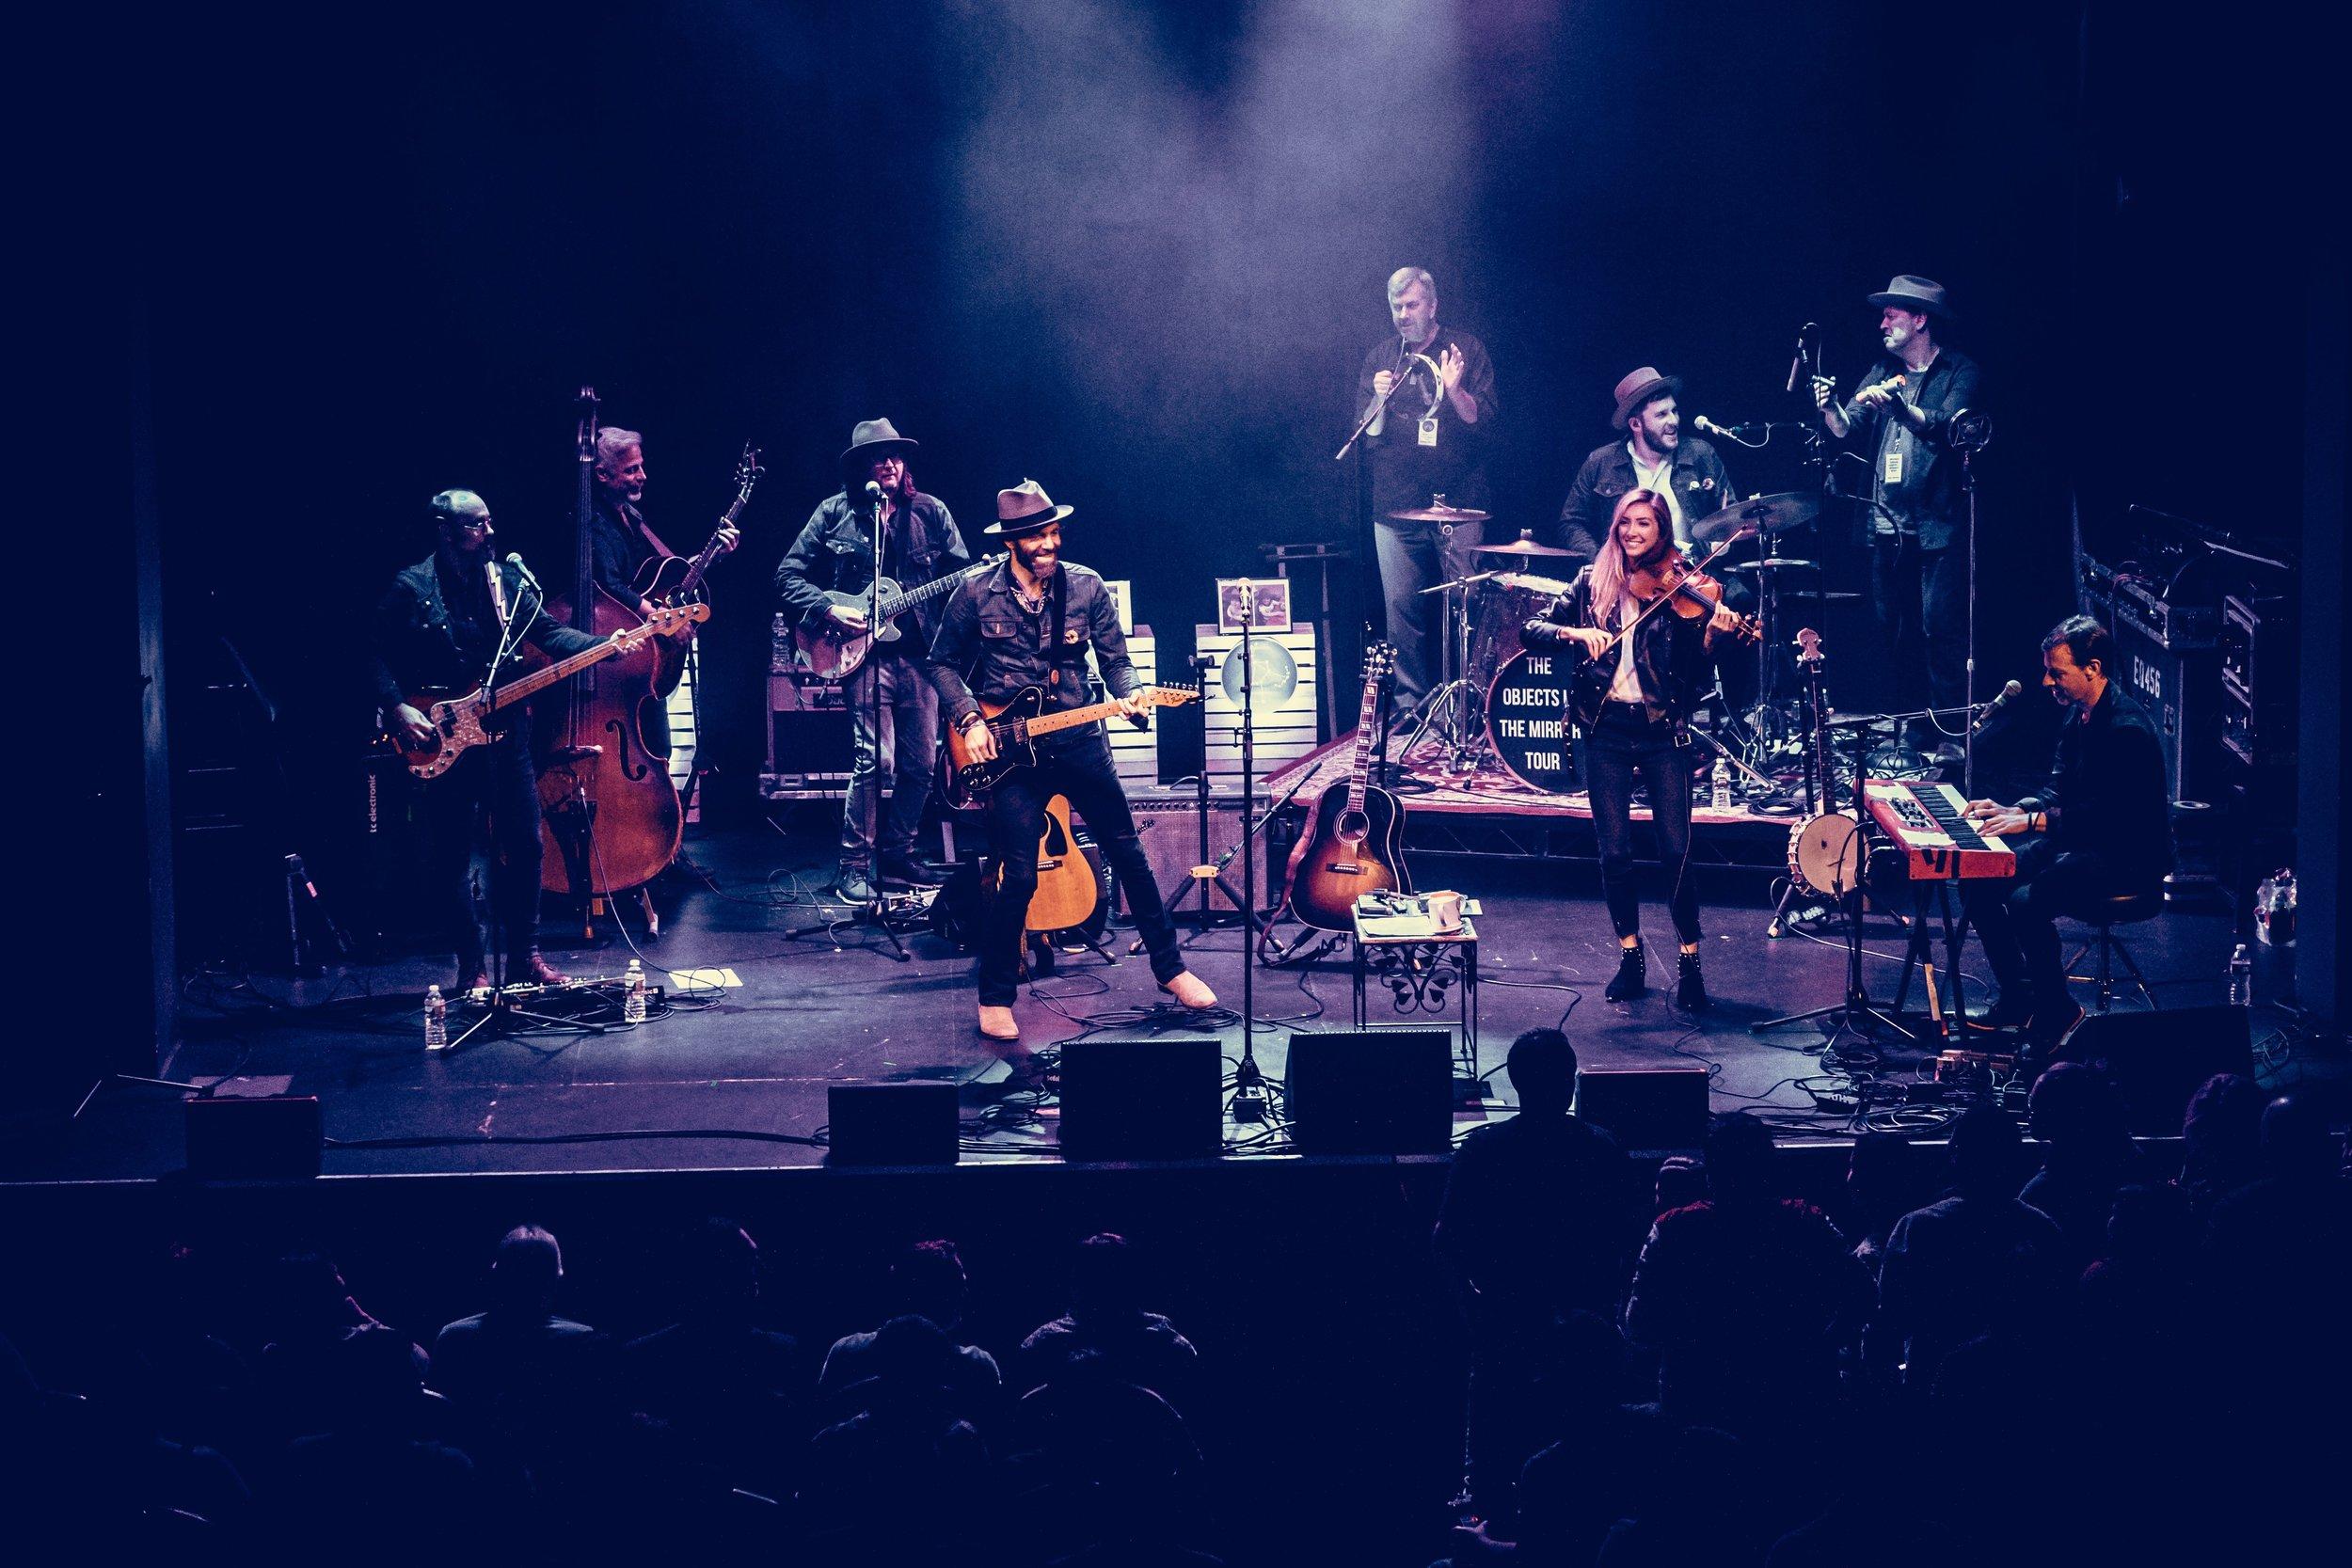 White Eagle Hall | Stephen Kellogg Tour 2019